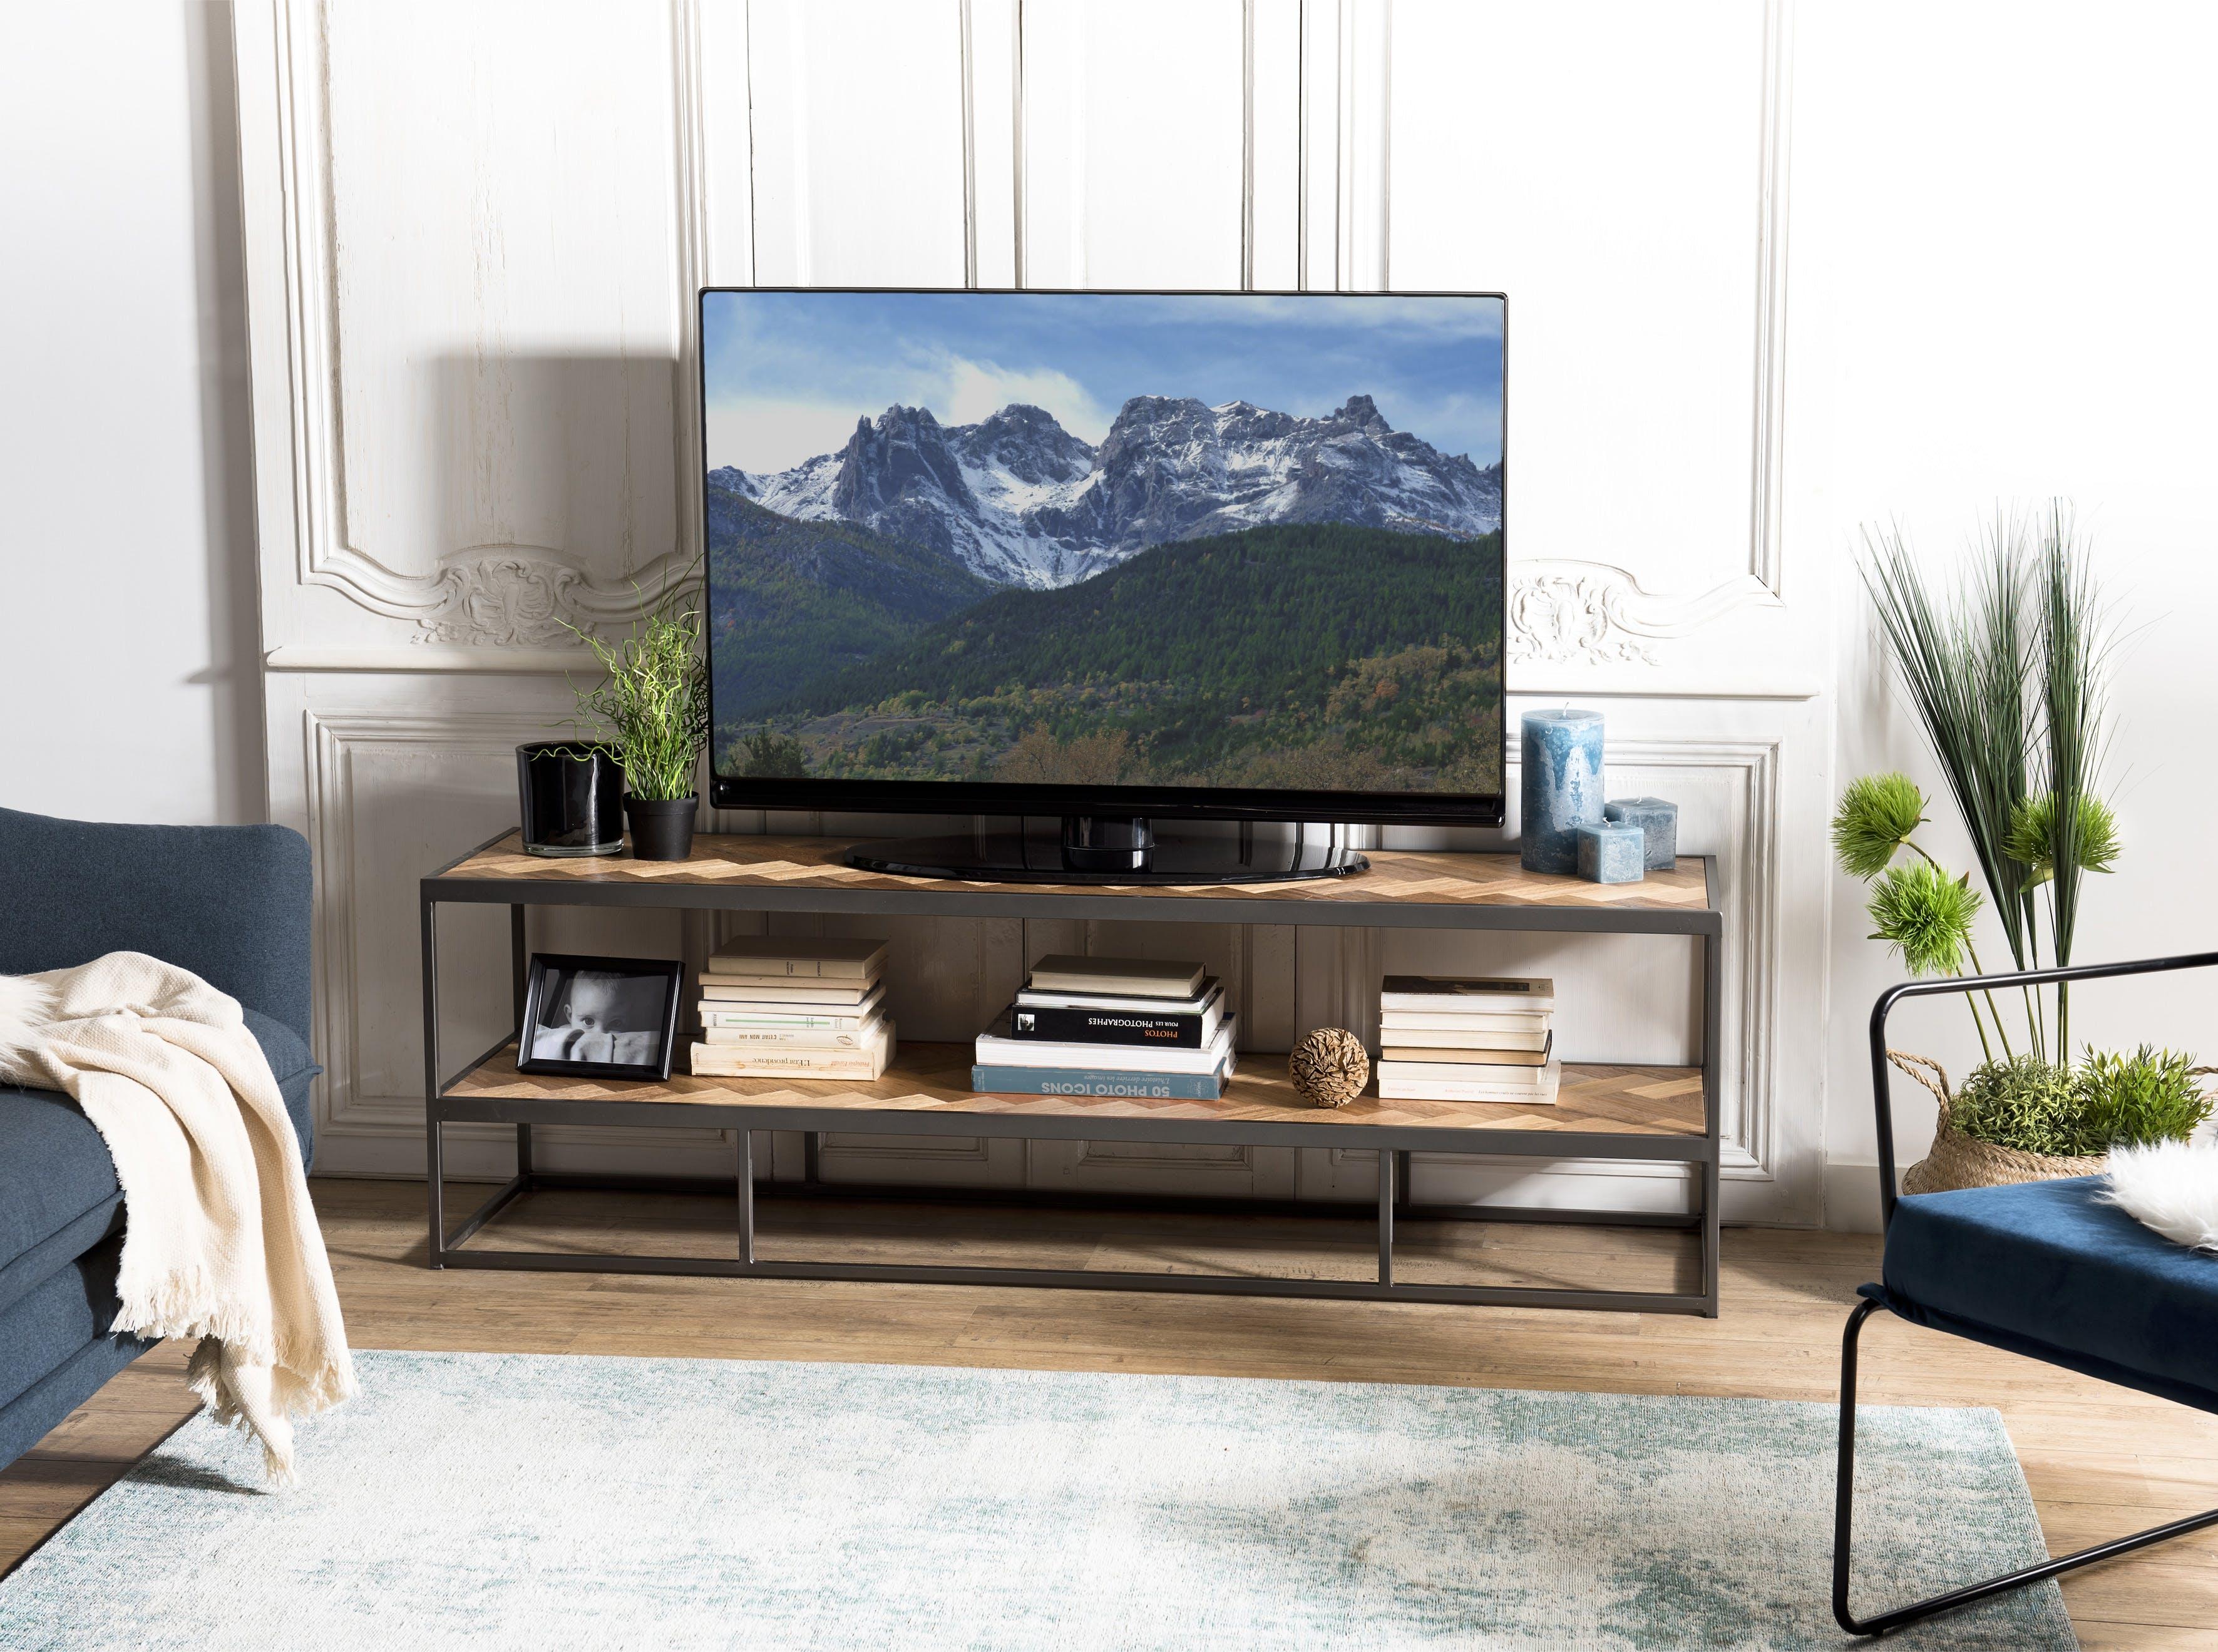 Banc tv teck motif damier 2 niveaux CARPATES